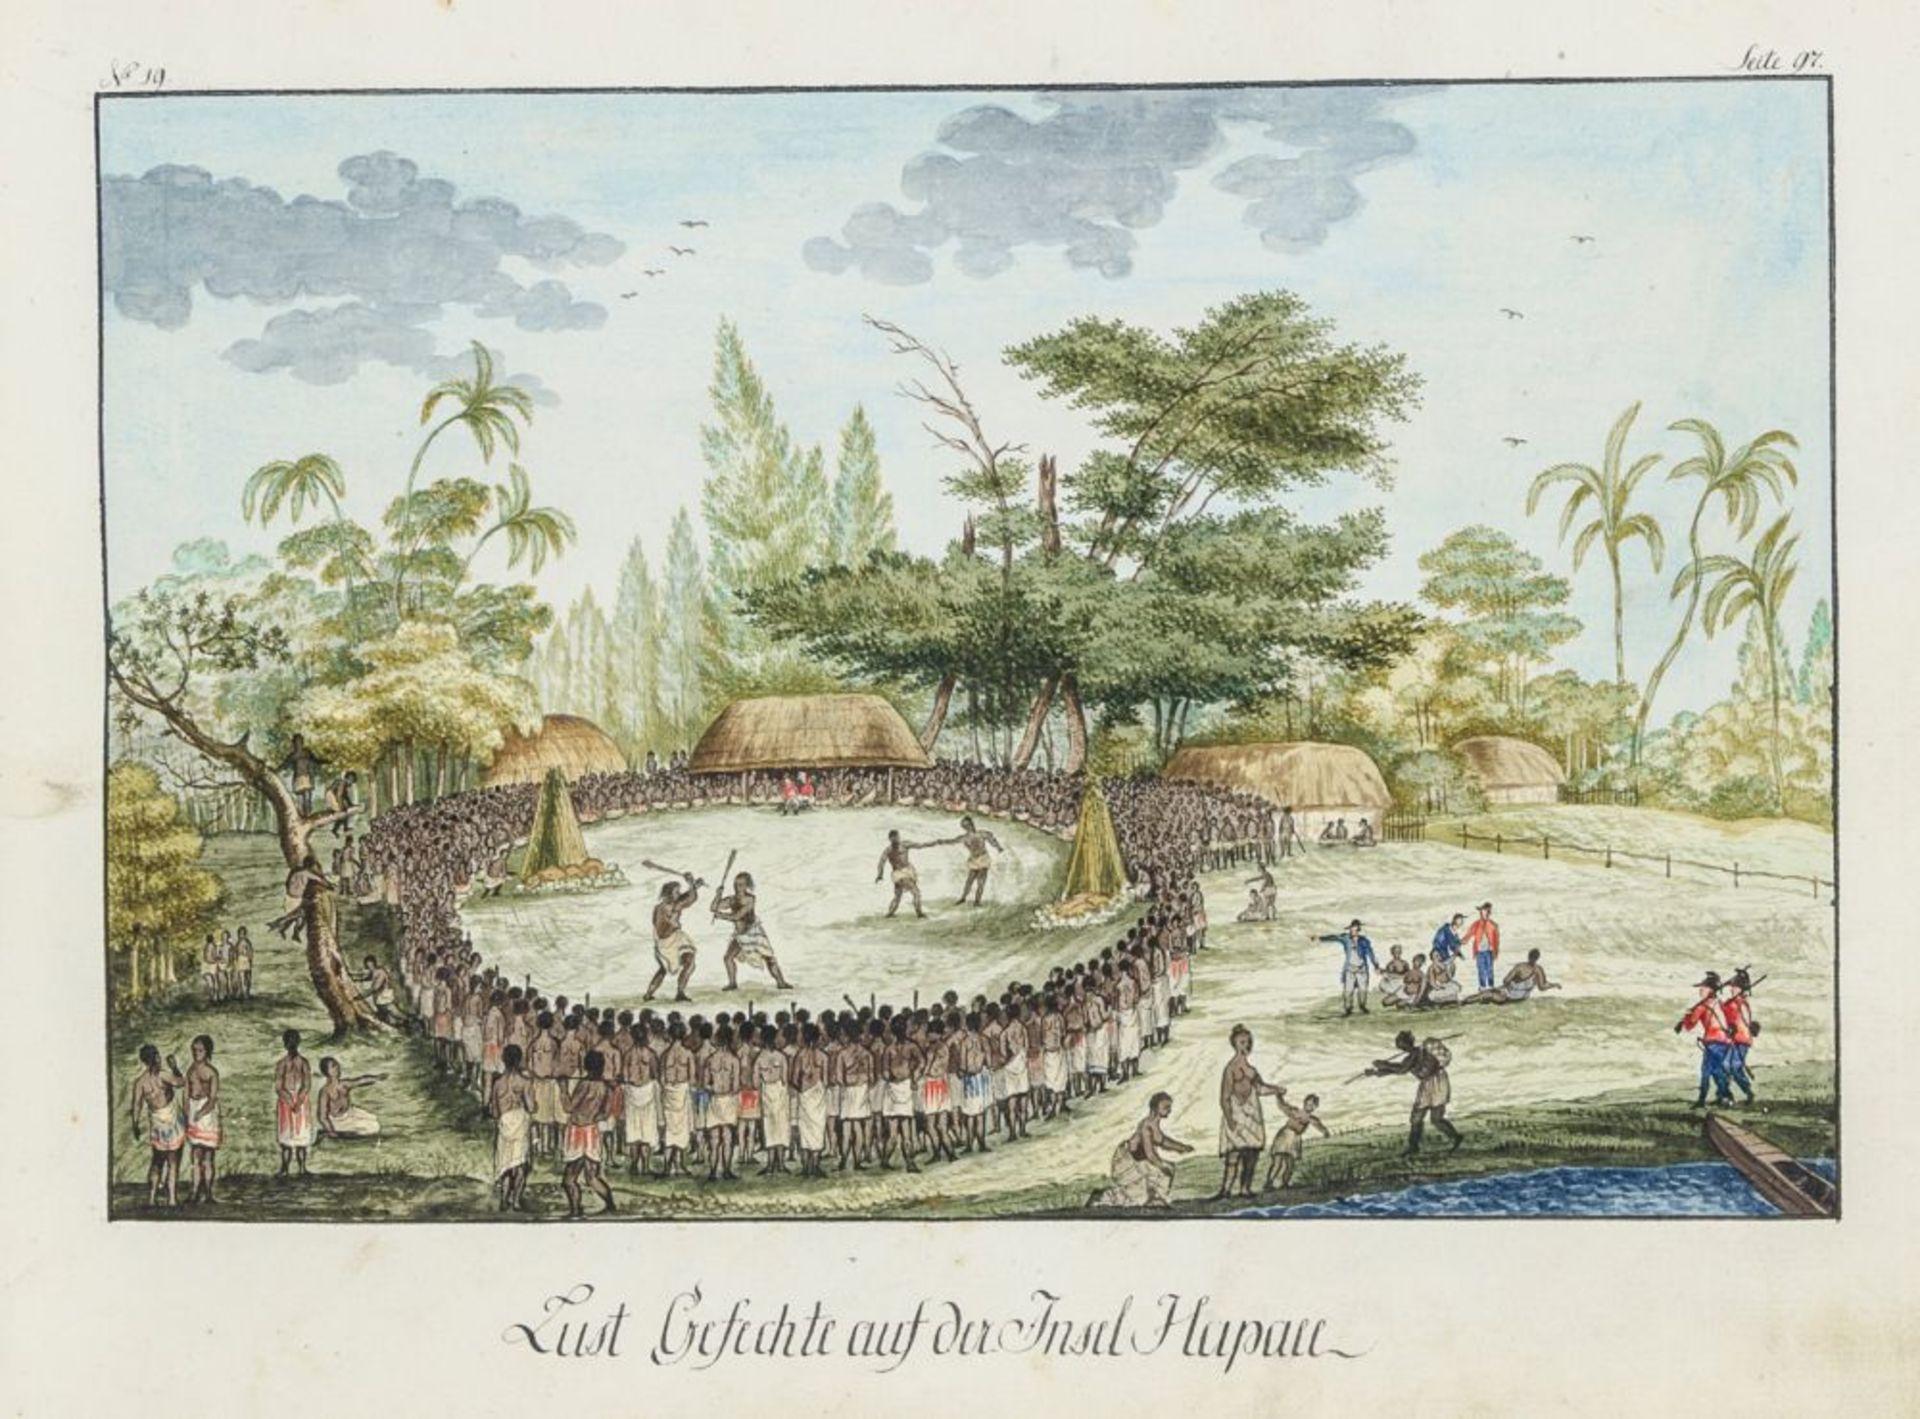 Australien und Ozeanien - - Richter, Franz nach John Webber. Scitzirte Gemählde zu Jacob Cooks - Image 4 of 10